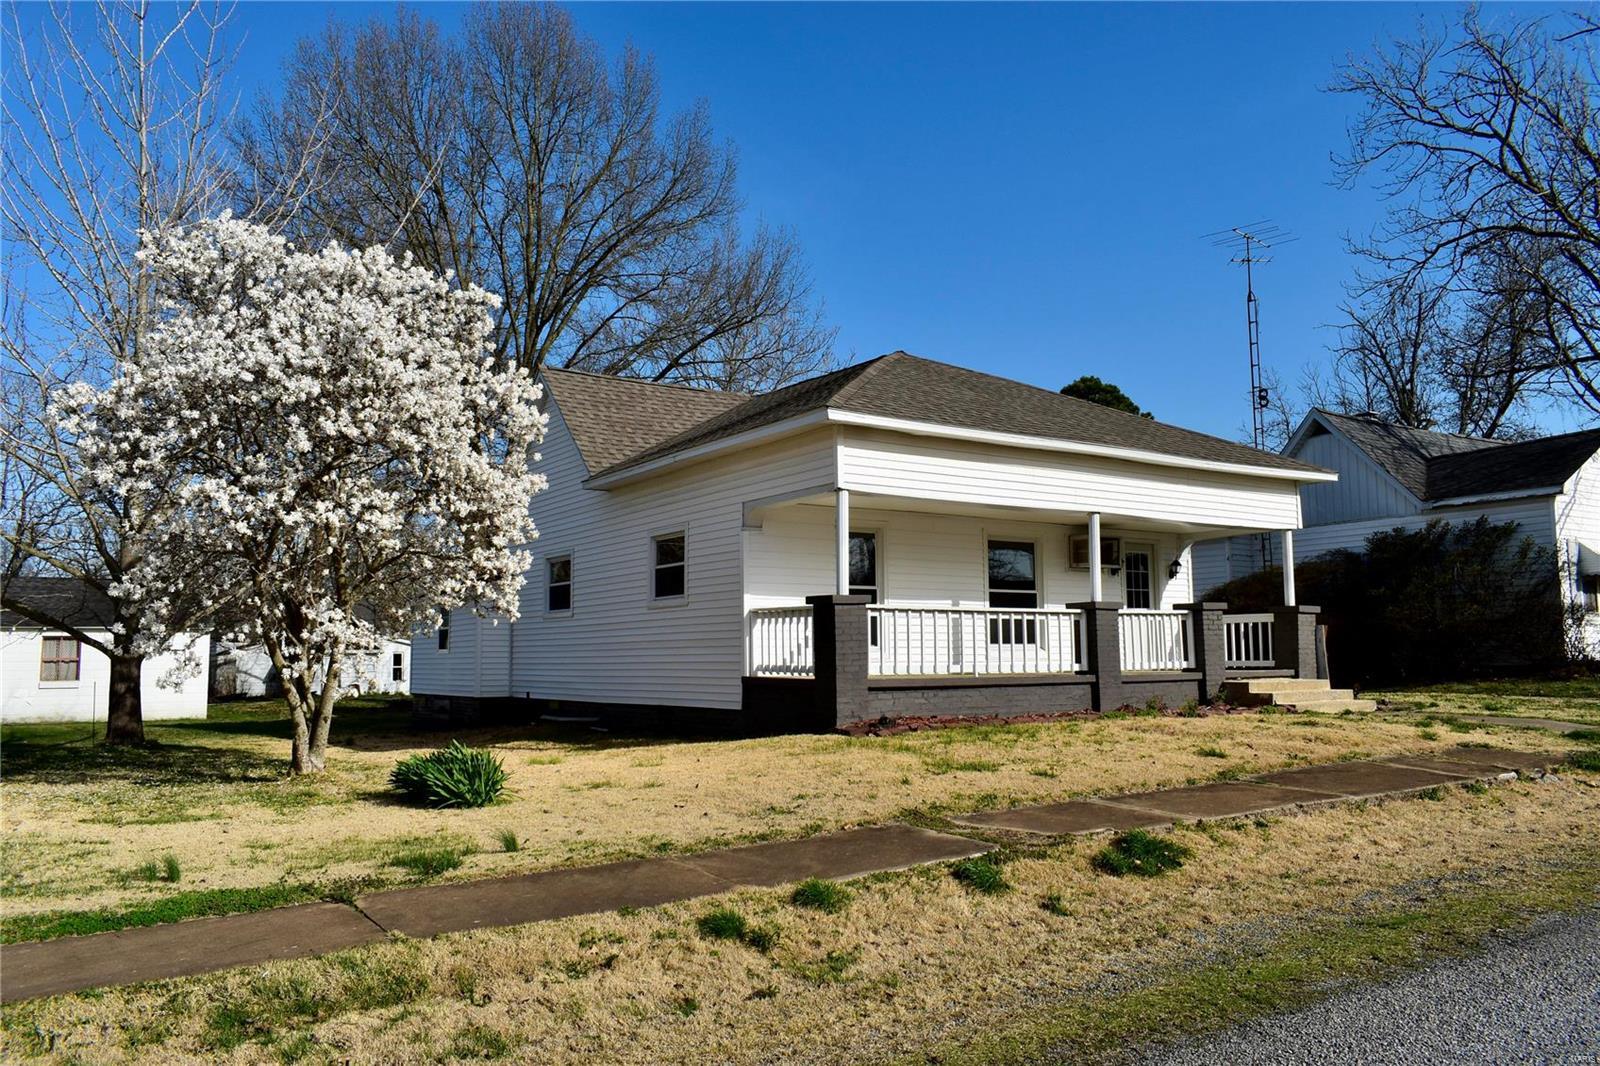 212 S 21st Property Photo